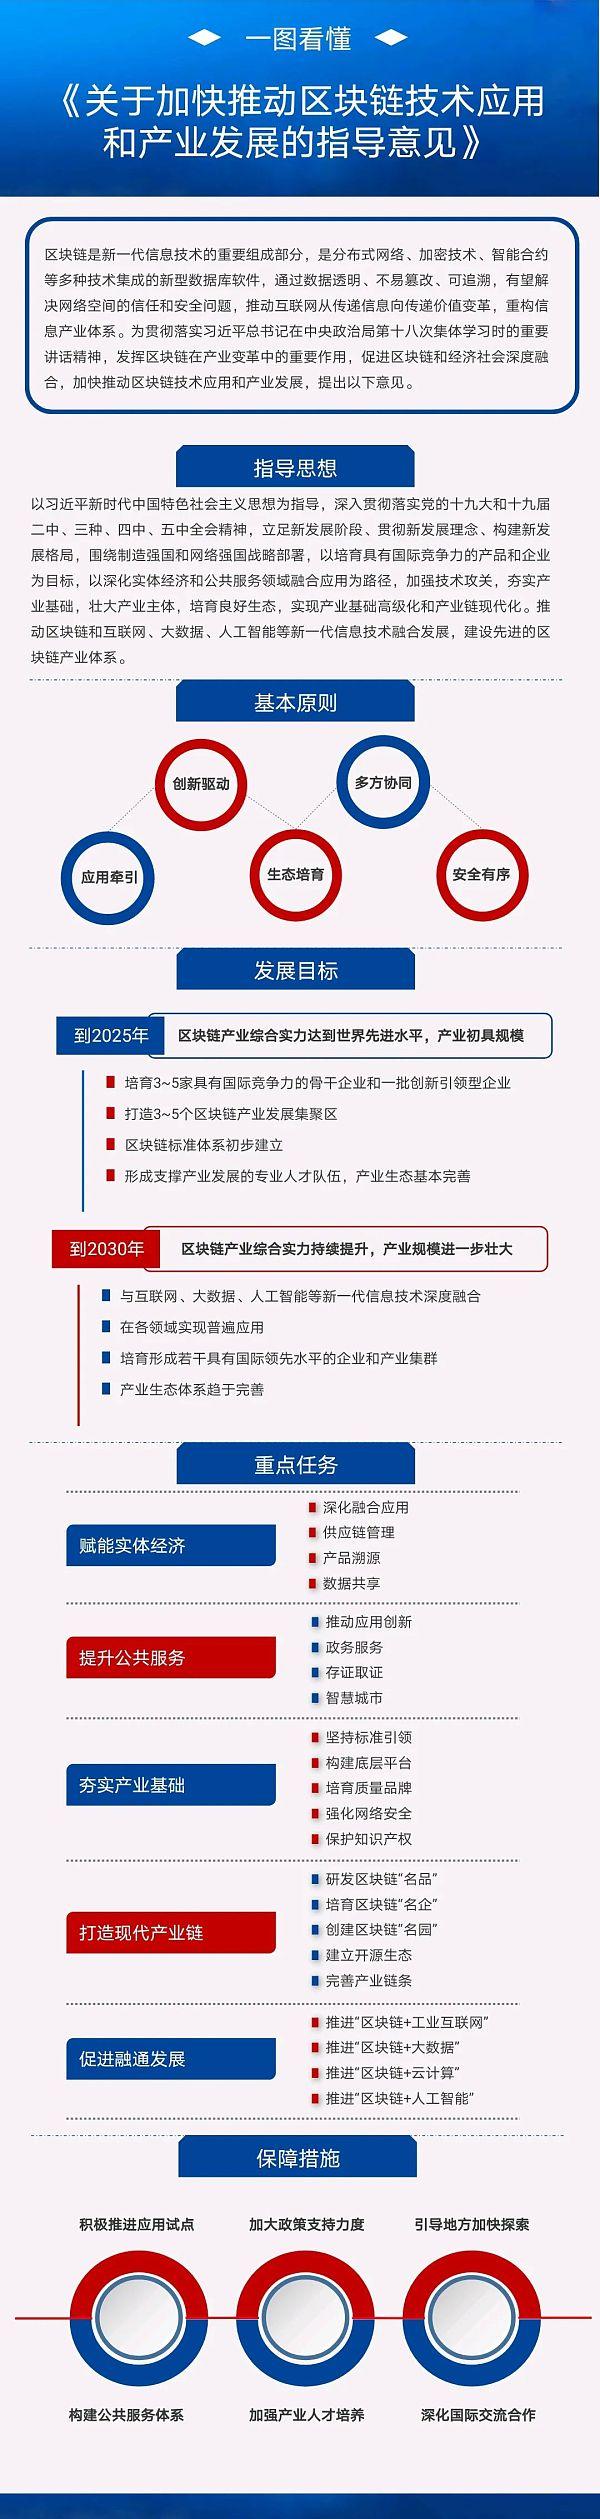 一图+七问 读懂《关于加快推动区块链技术应用和产业发展的指导意见》(附全文)